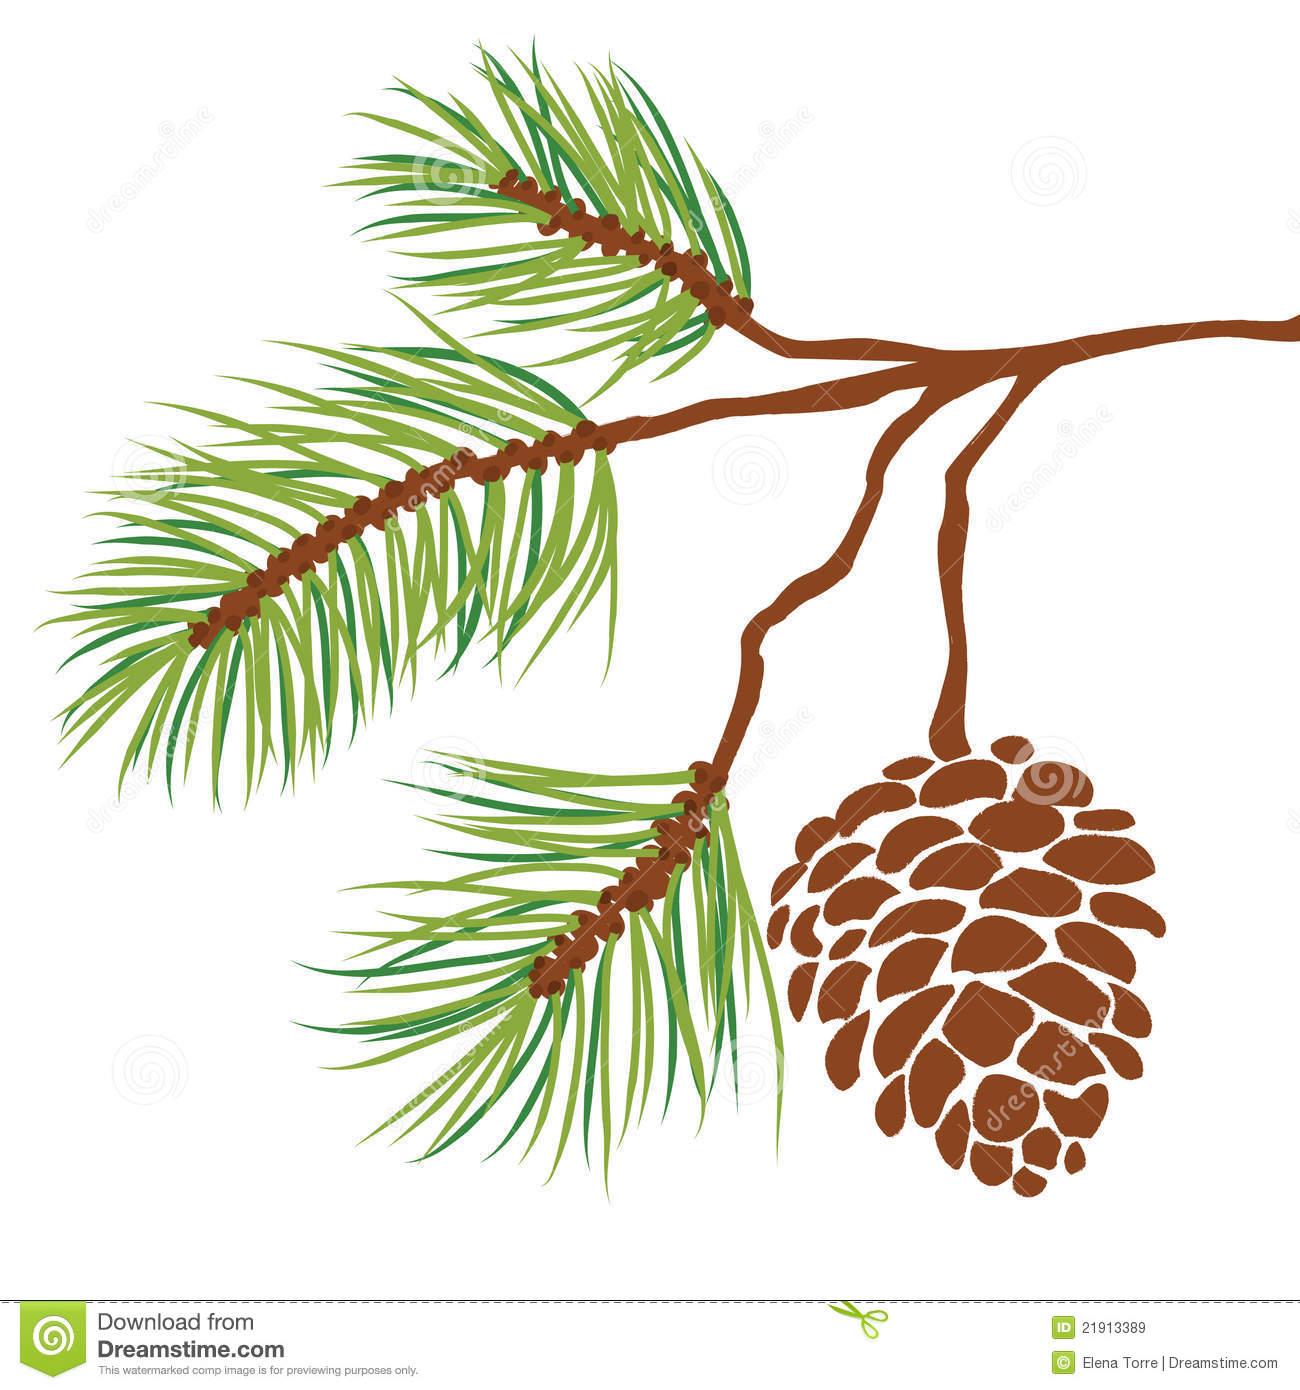 Pine Cone clipart snowy Cones cliparts Pine Cones Christmas